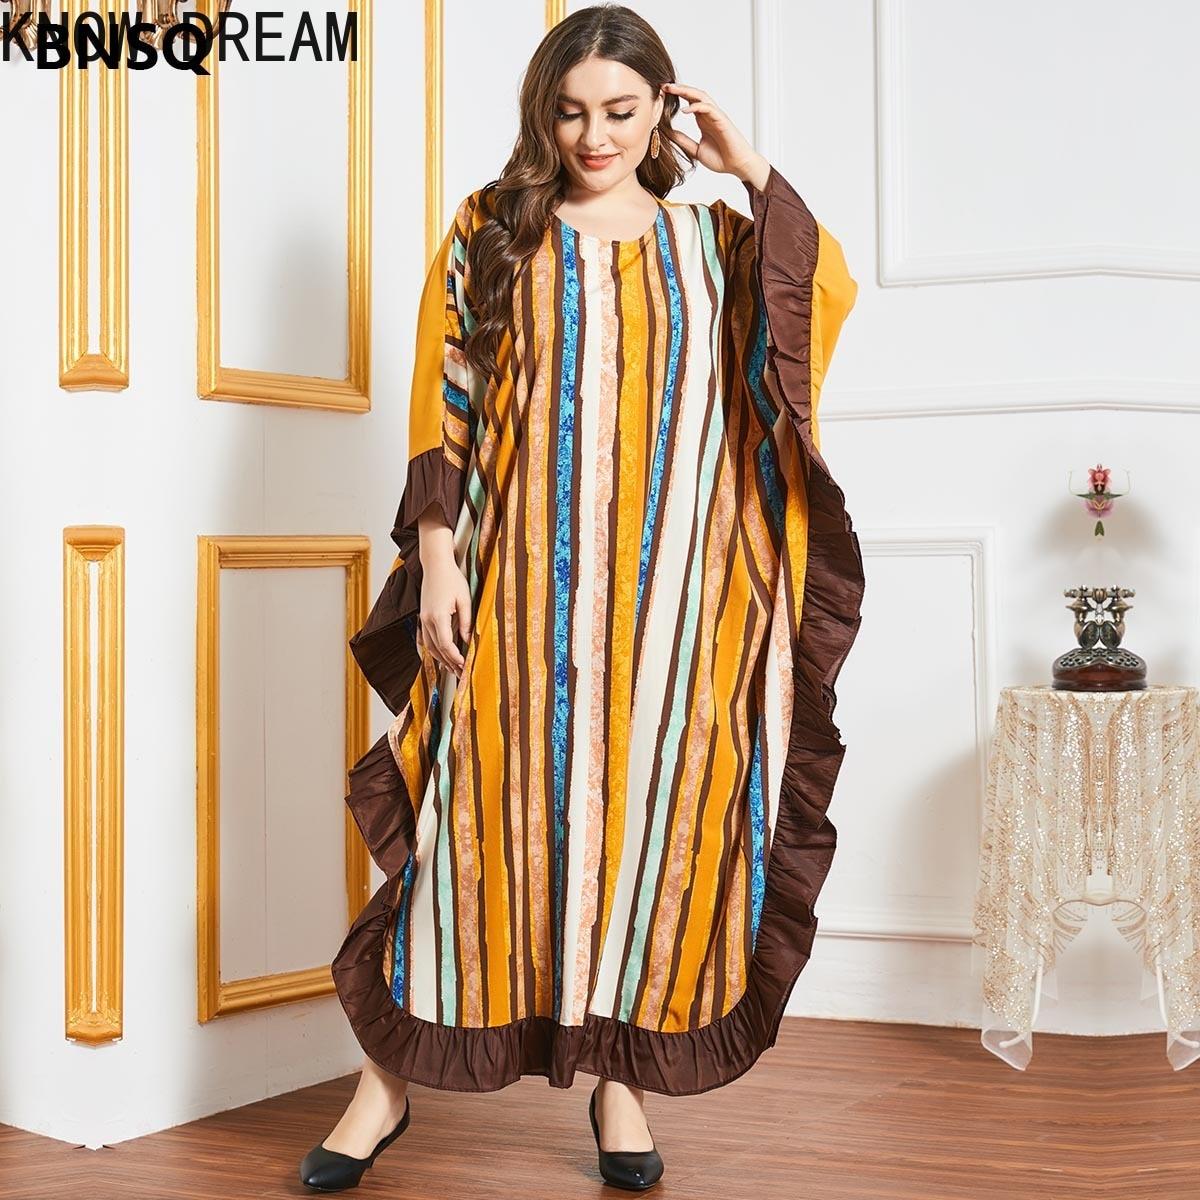 Узнайте DREAM2045 Большие размеры Женская юбка в полоску в виде листка лотоса сбоку рукав «летучая мышь» с длинными рукавами на каждый день мусу...